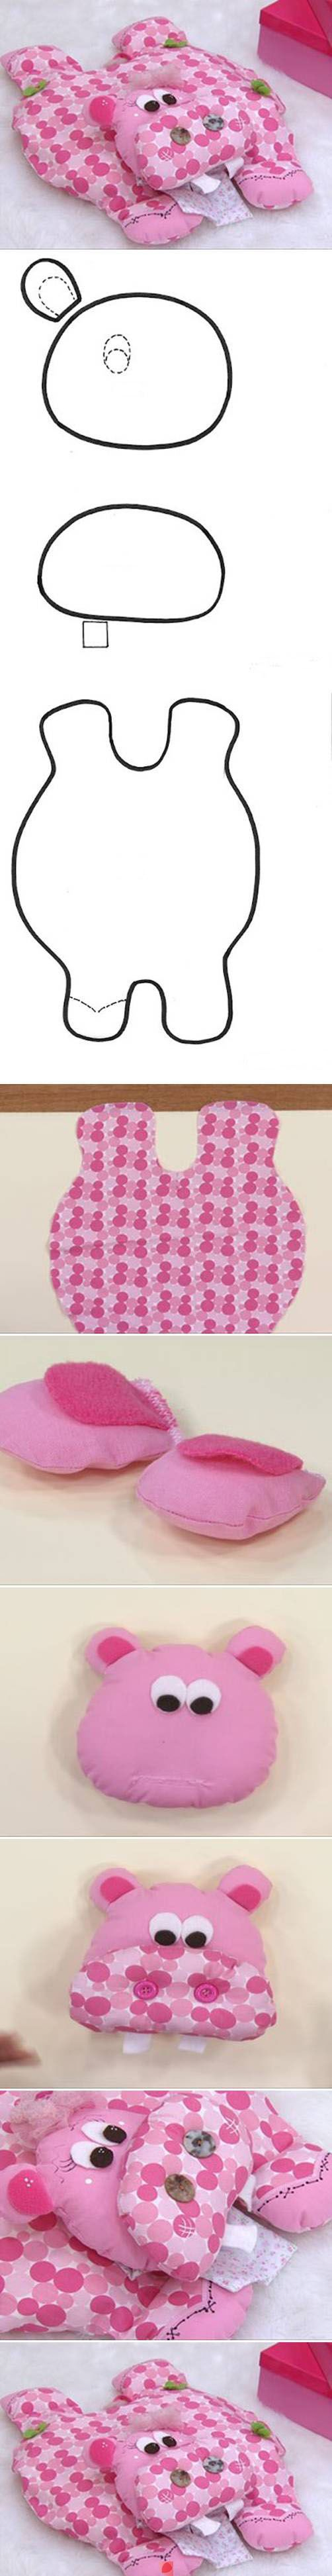 Achei muito bonita esta almofada,gostaria que tivesse + molde de outros artesanatos